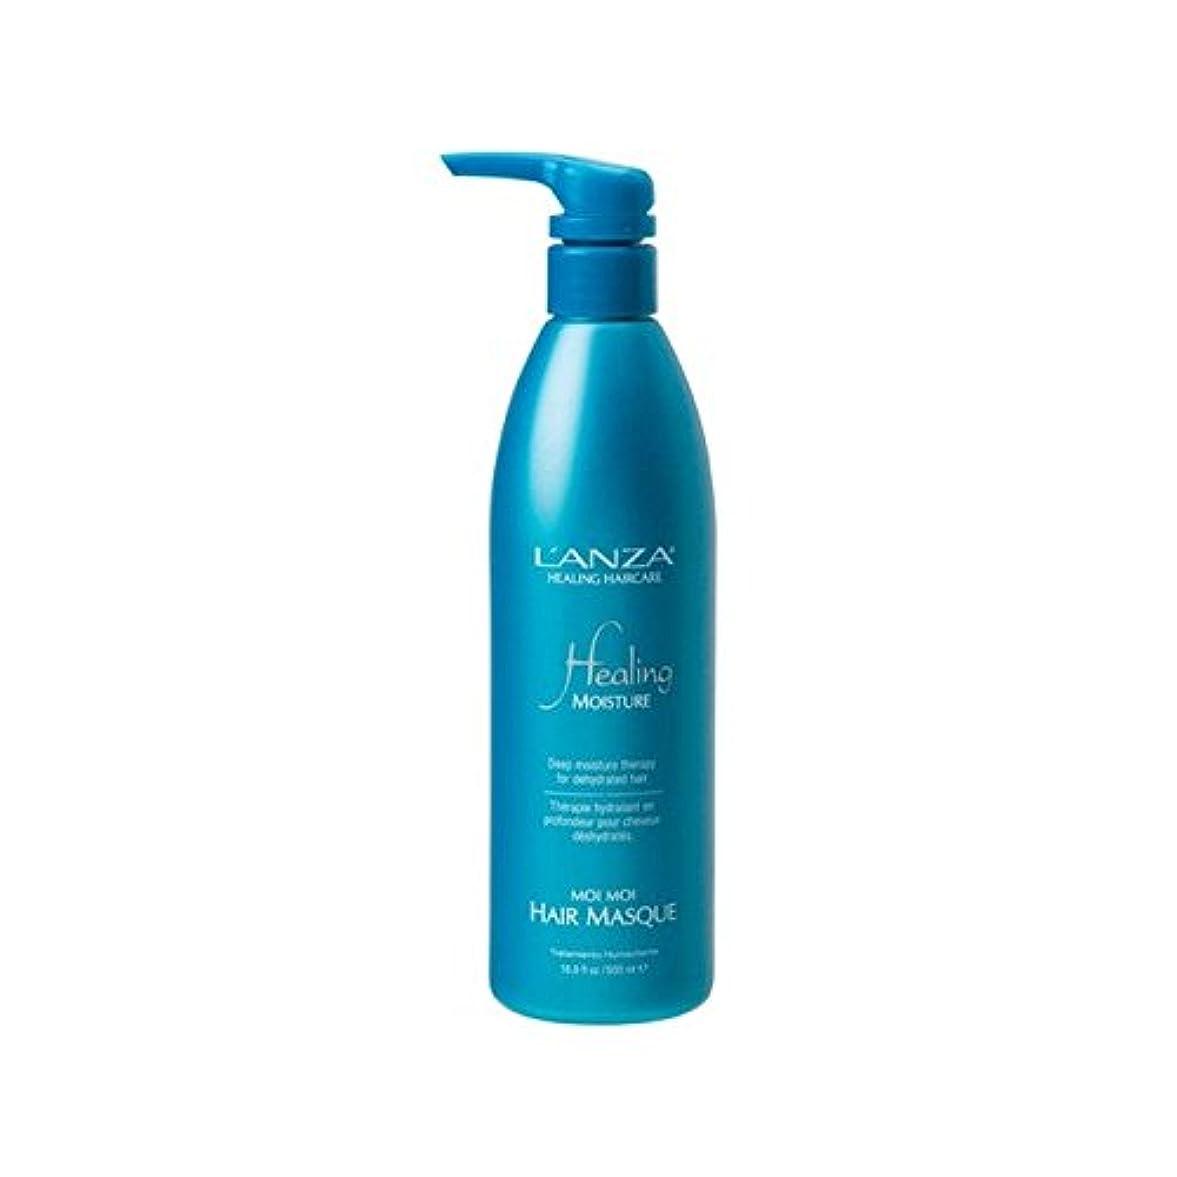 外交問題雇用他にアンザ癒しの水分モイモイヘア仮面劇(500ミリリットル) x2 - L'Anza Healing Moisture Moi Moi Hair Masque (500ml) (Pack of 2) [並行輸入品]